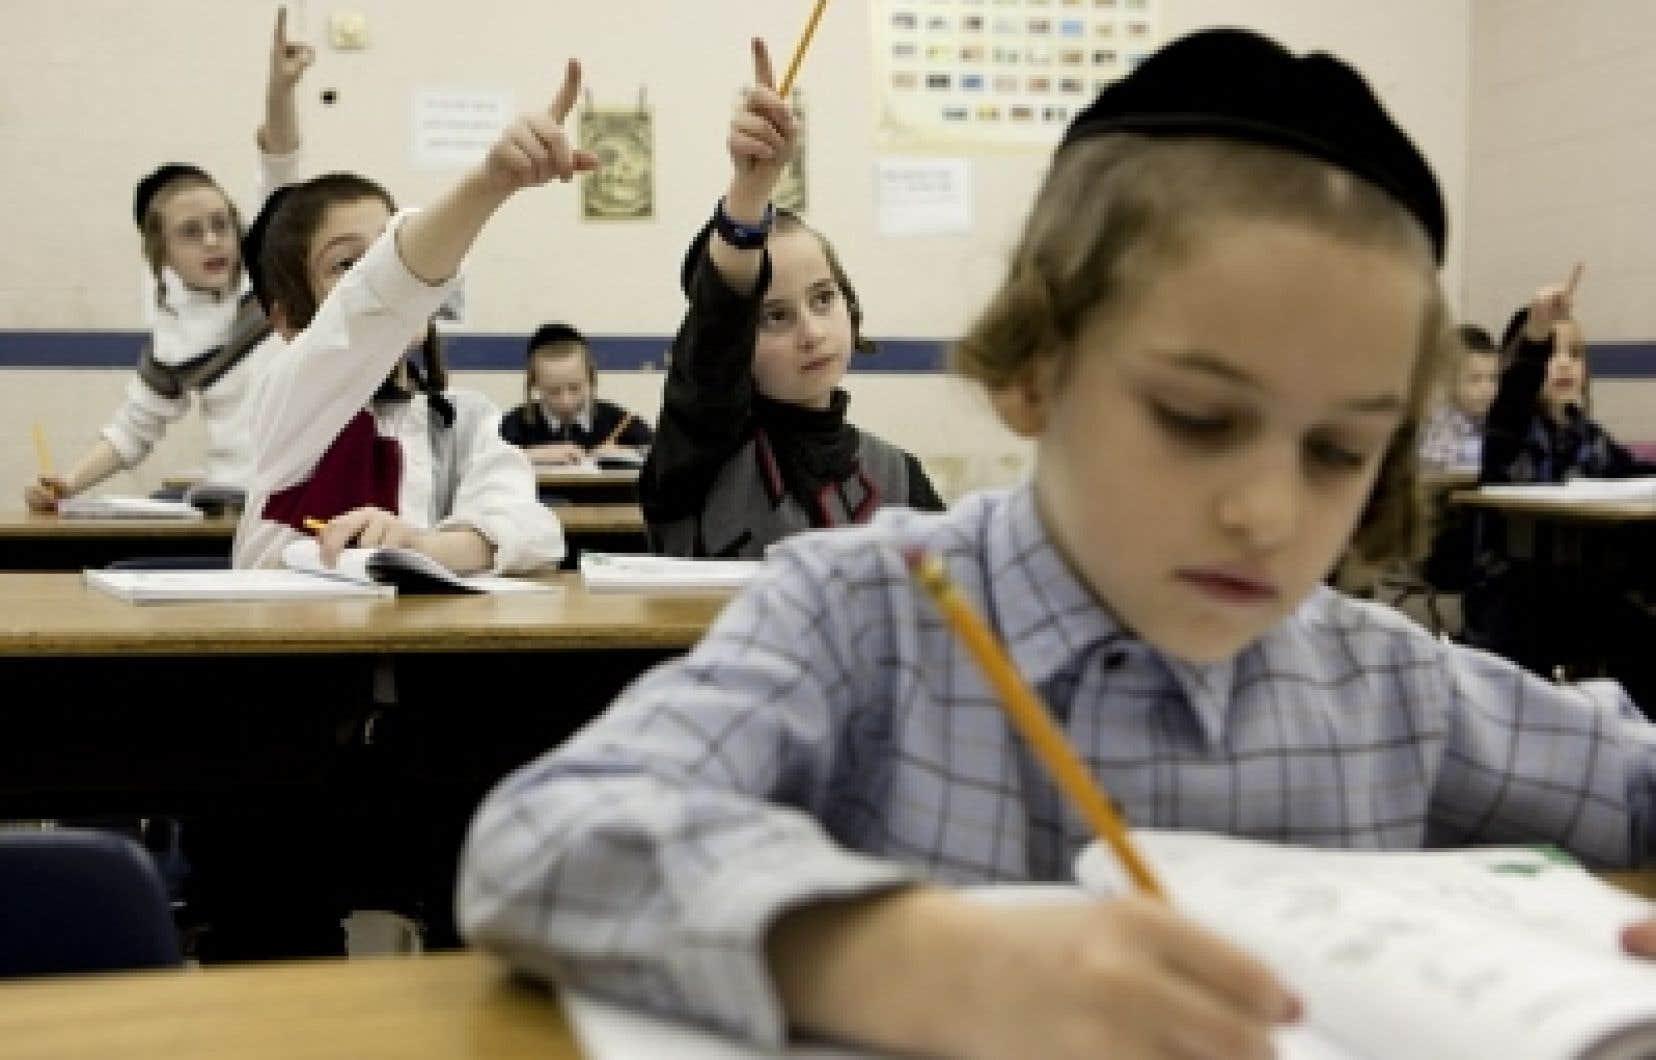 L&rsquo;&Eacute;cole communautaire Belz, qui comprend un campus pour les filles (rue Ducharme) et un campus pour les gar&ccedil;ons (rue Durocher, notre photo), a &eacute;t&eacute; fond&eacute;e en 1984 pour que les enfants issus des communaut&eacute;s juives tr&egrave;s orthodoxes puissent recevoir un enseignement la&iuml;c.<br />